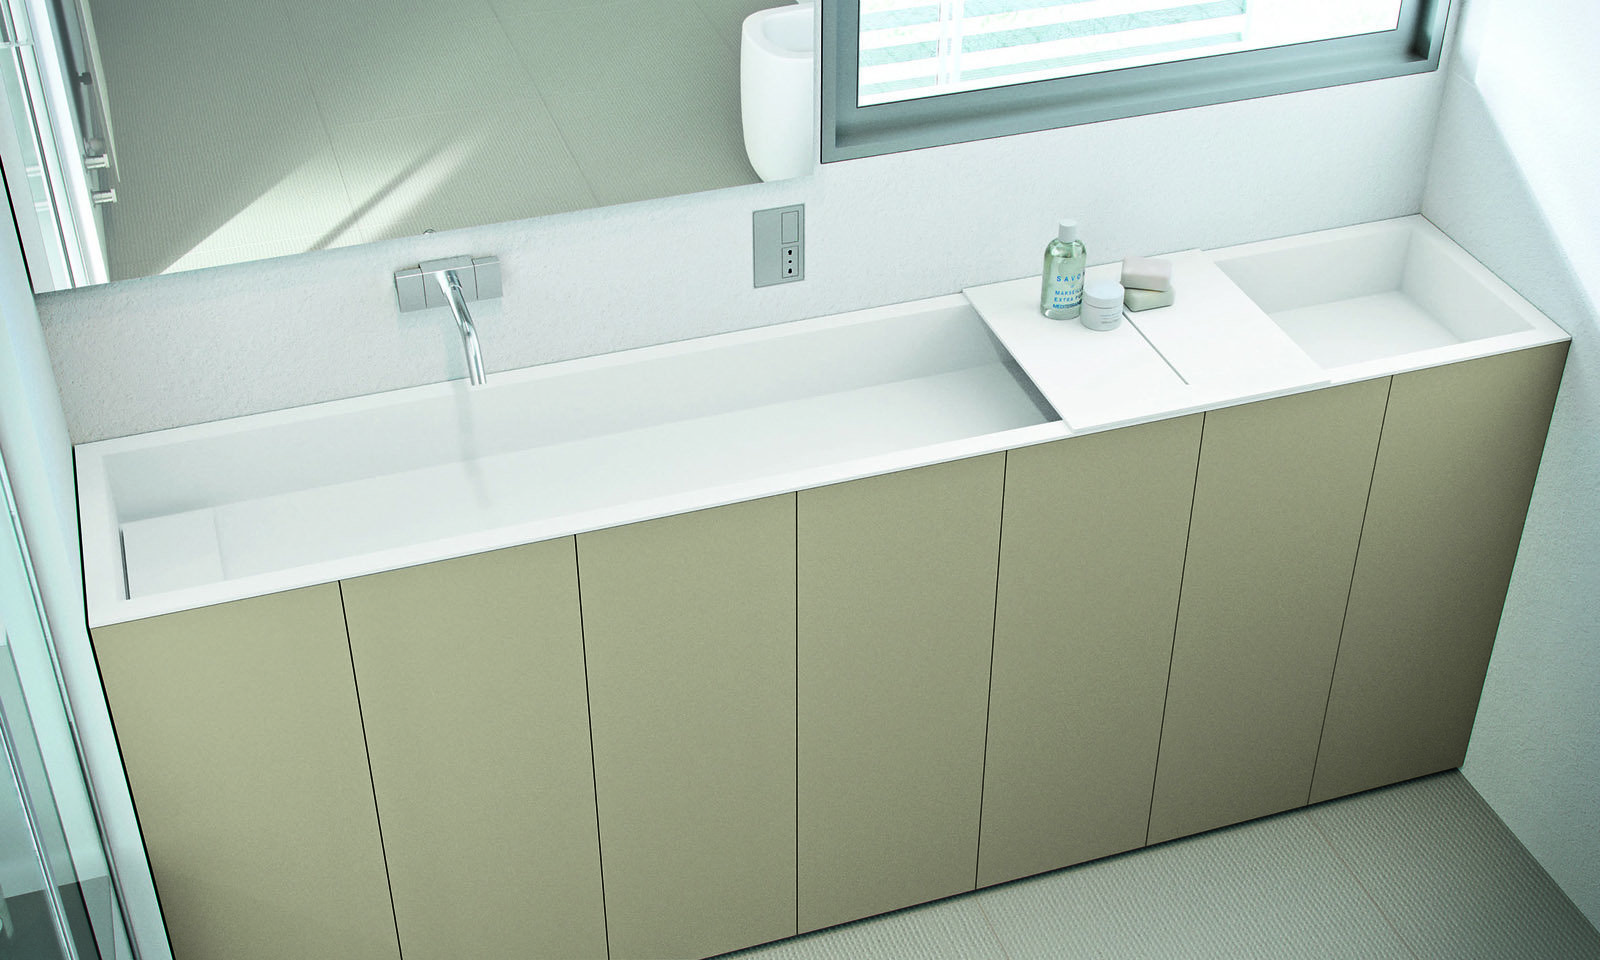 Mobile Bagno Dimensioni : Per Il Bagno Stretto Il Lavabo Modulare  #786A53 1600 960 Biliardo E Tavolo Da Pranzo